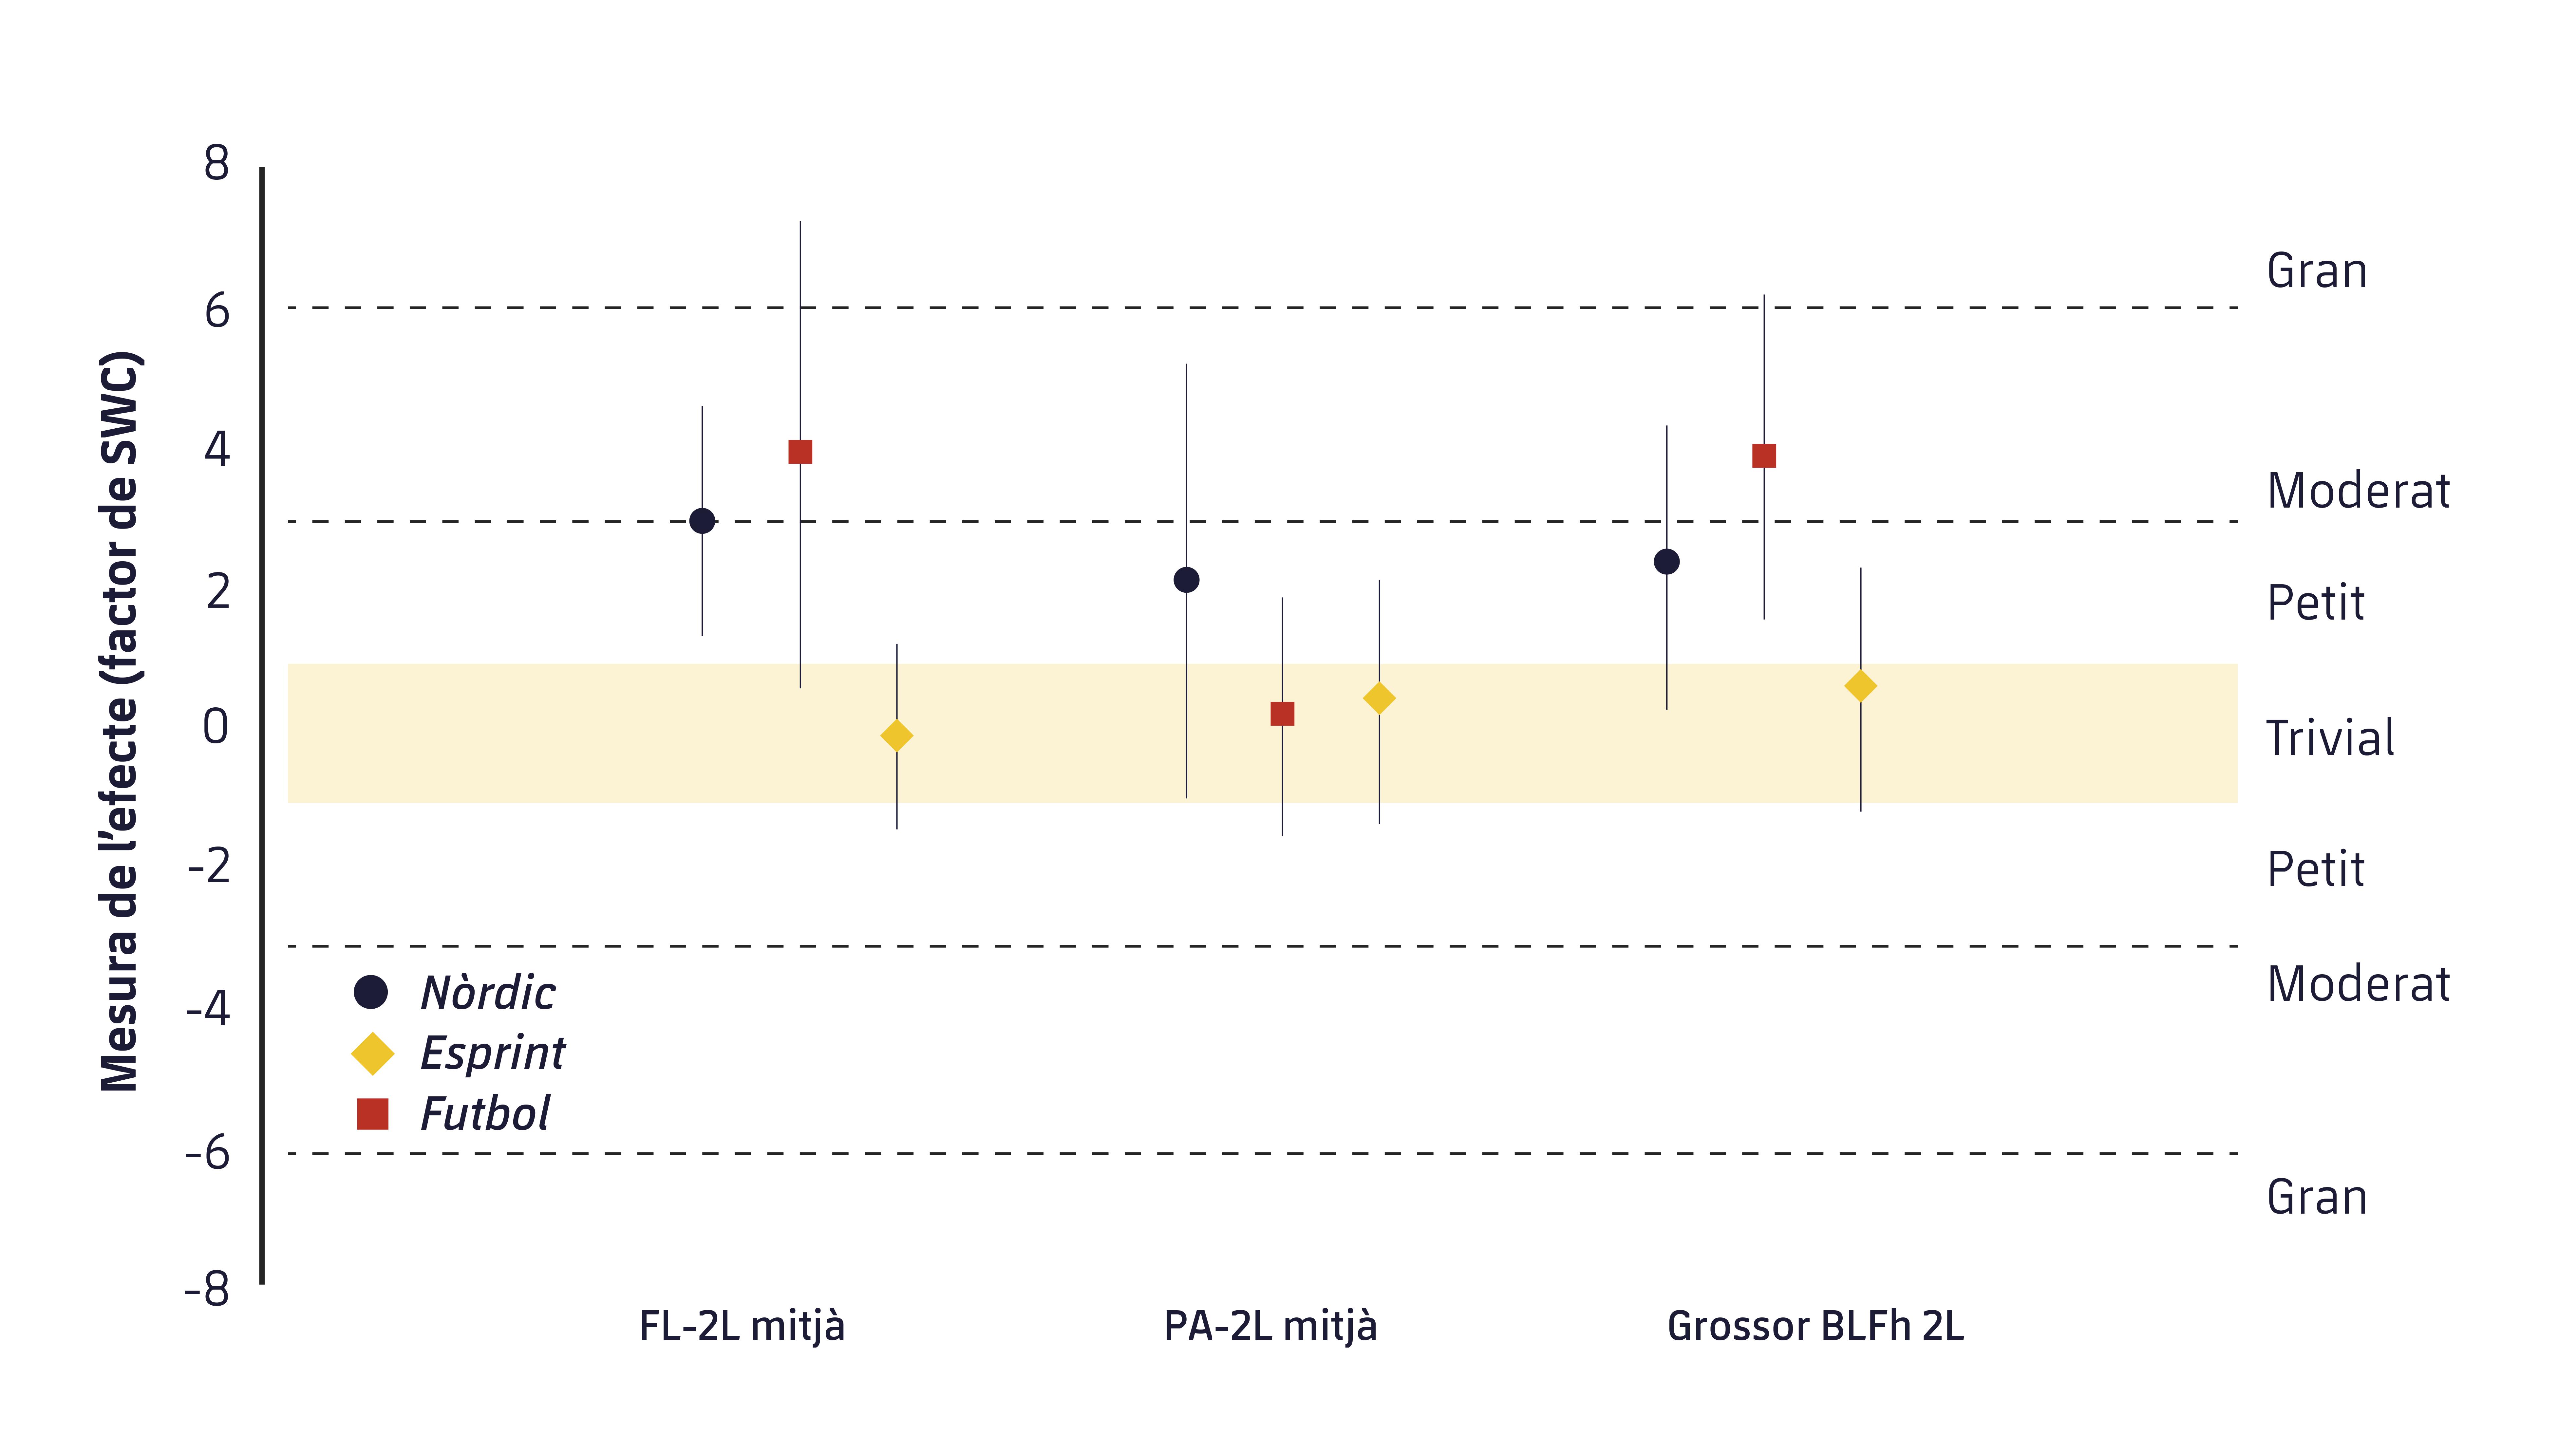 Figura 2. Magnitud dels canvis pre-post en les principals variables arquitectòniques dels músculs isquiosurals. FL-2L: longitud de la fàscia mitjana per a les dues cames; PA-2L: angle de pennació mitjà per a les dues cames; Grossor BLFh 2l: Grossor mitjà de les dues cames del cap llarg del bíceps femoral.9